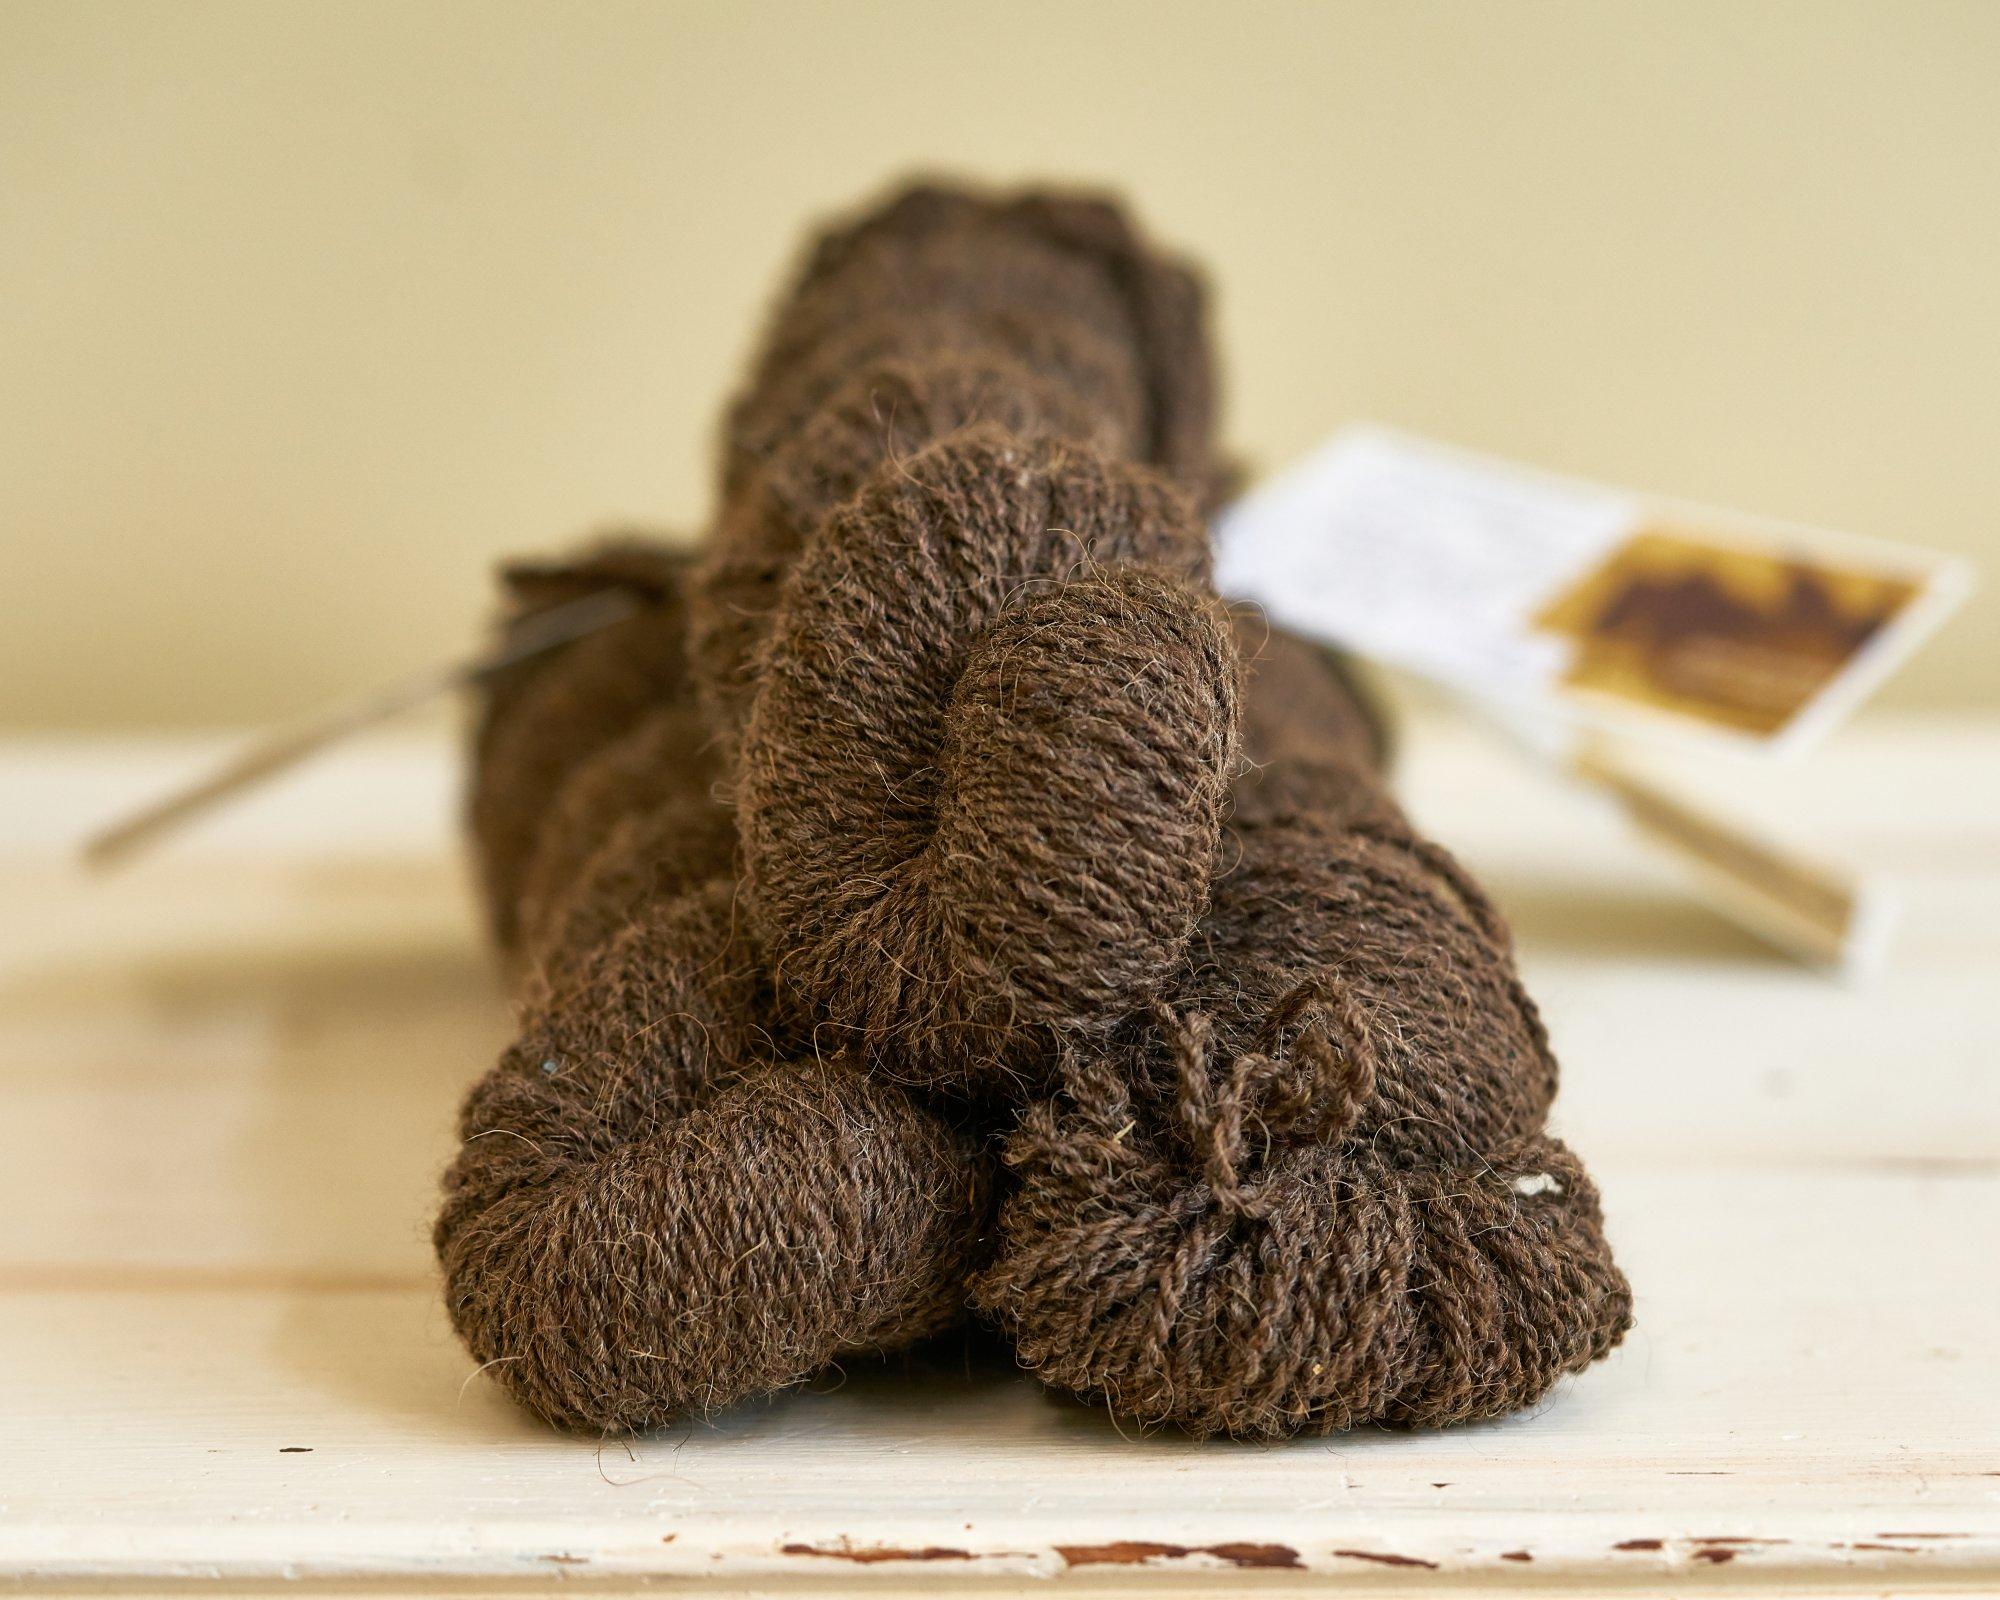 Petty Sport Yarn 20 Bison, 15 Alpaca, 65 dk Wool